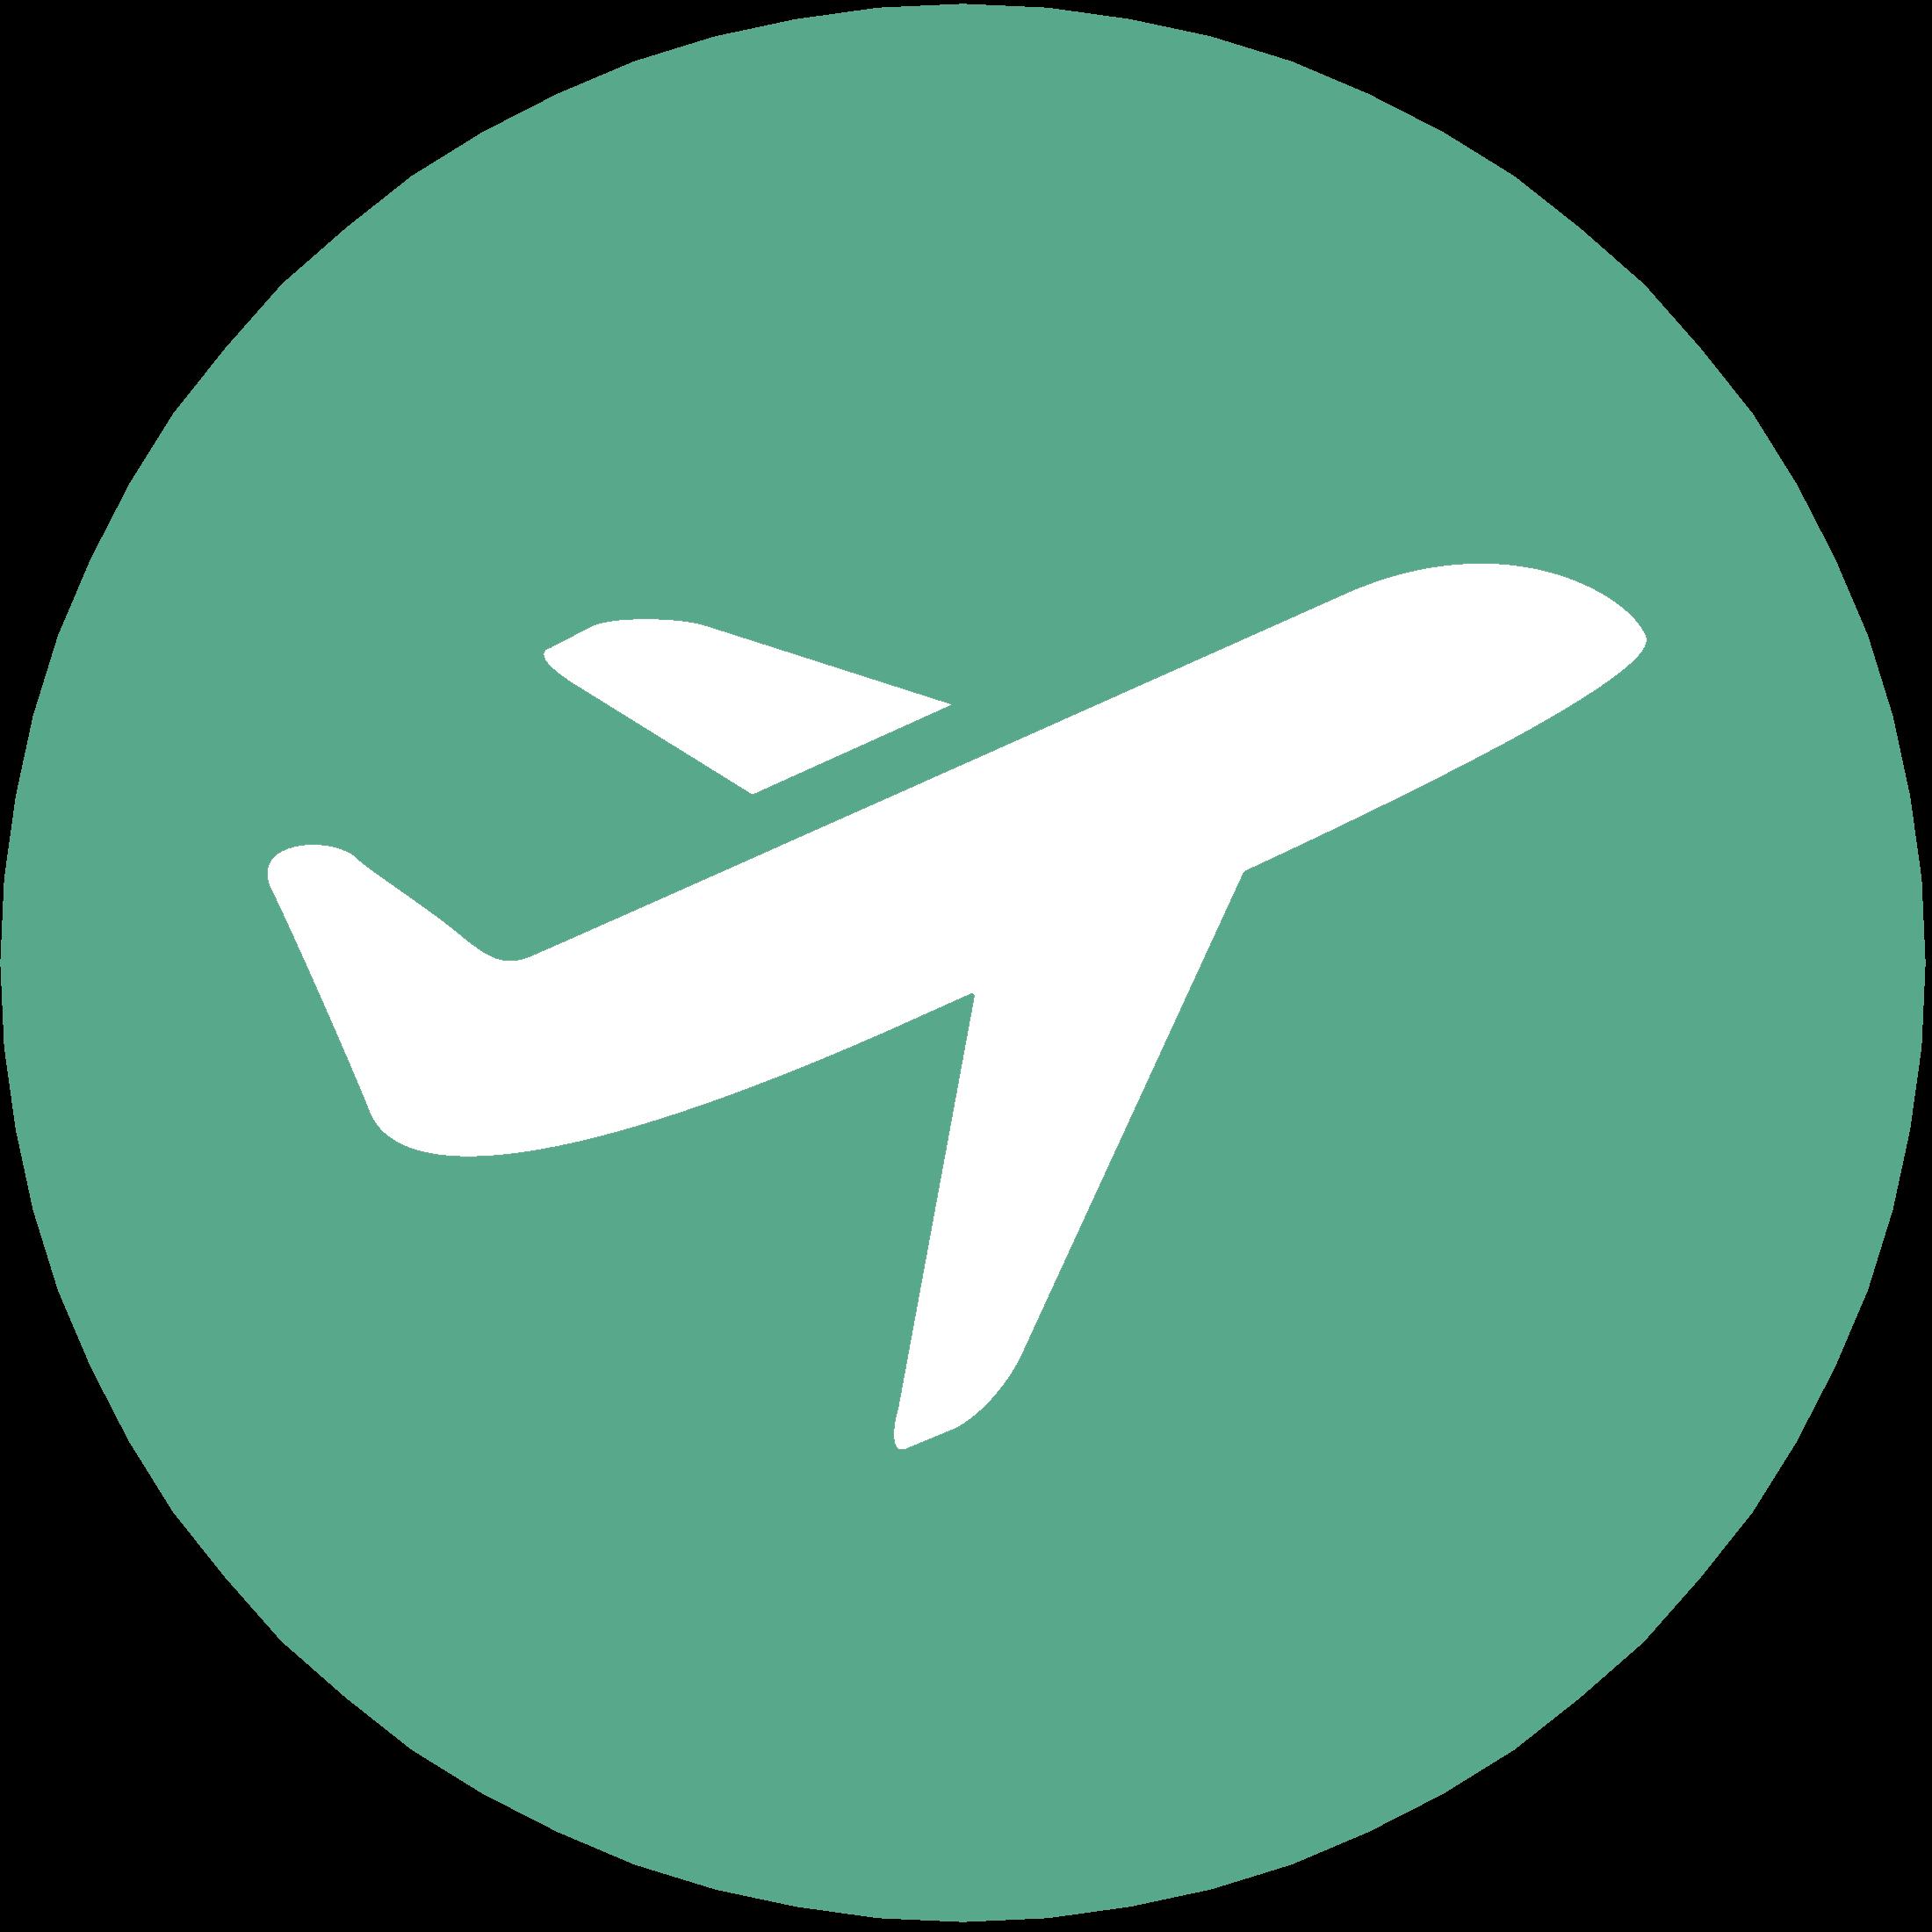 Logo geld terug bij vertraging